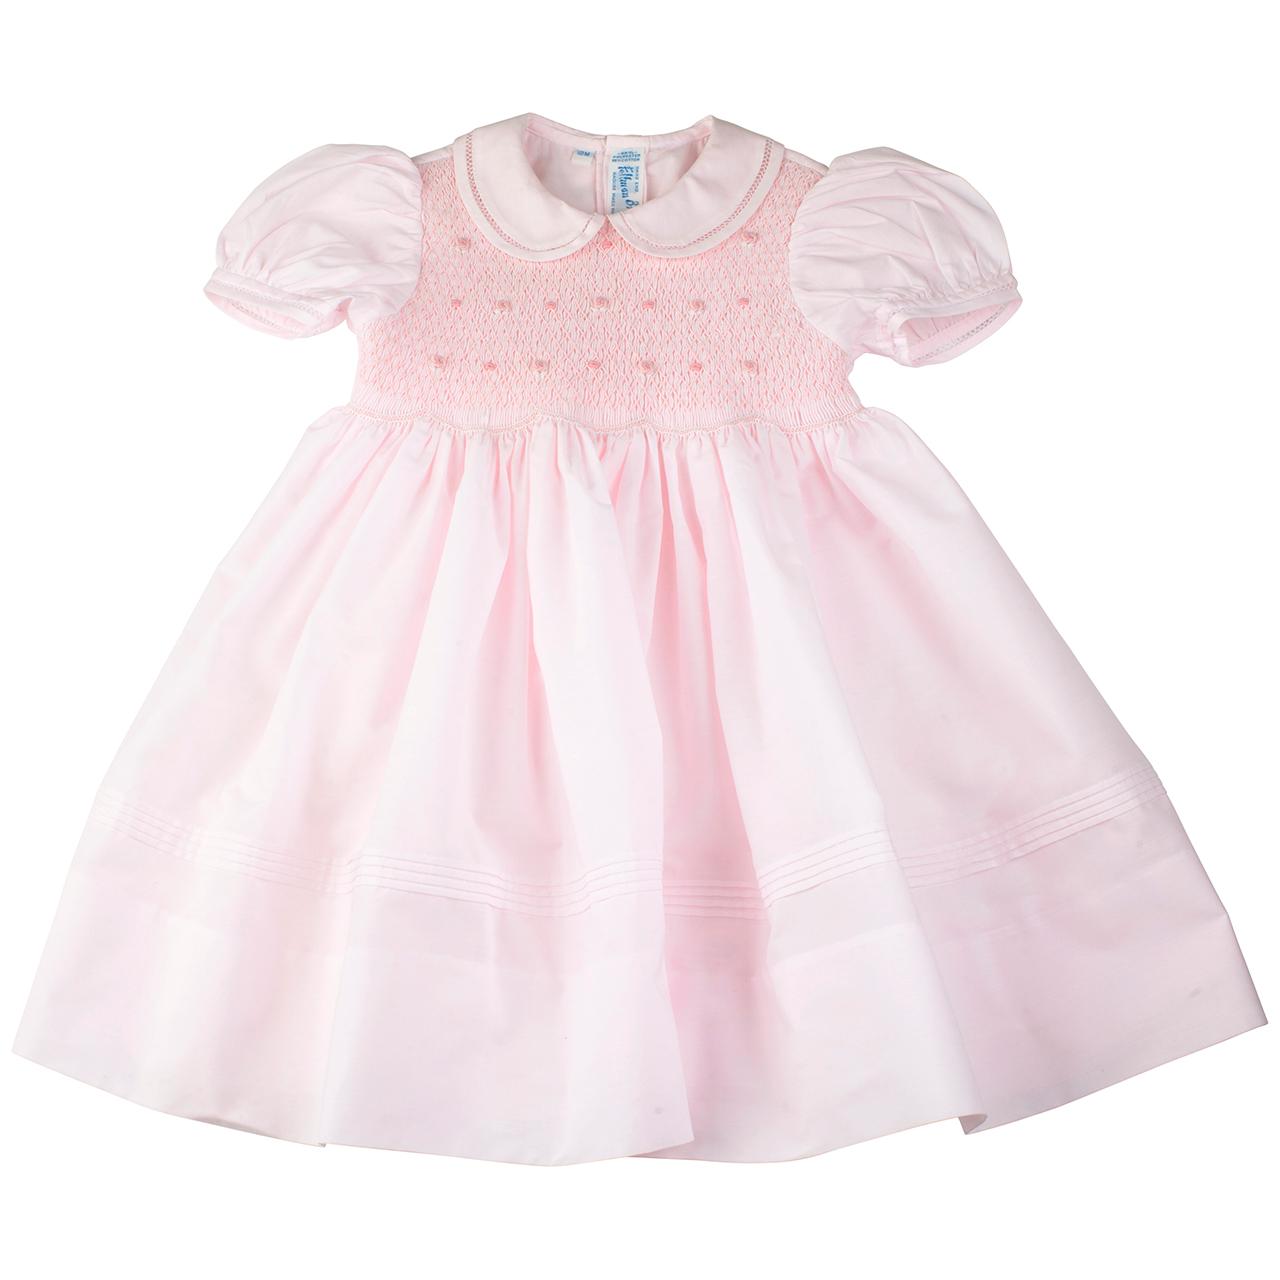 Smocked Rosebud Dress | Feltman Brothers